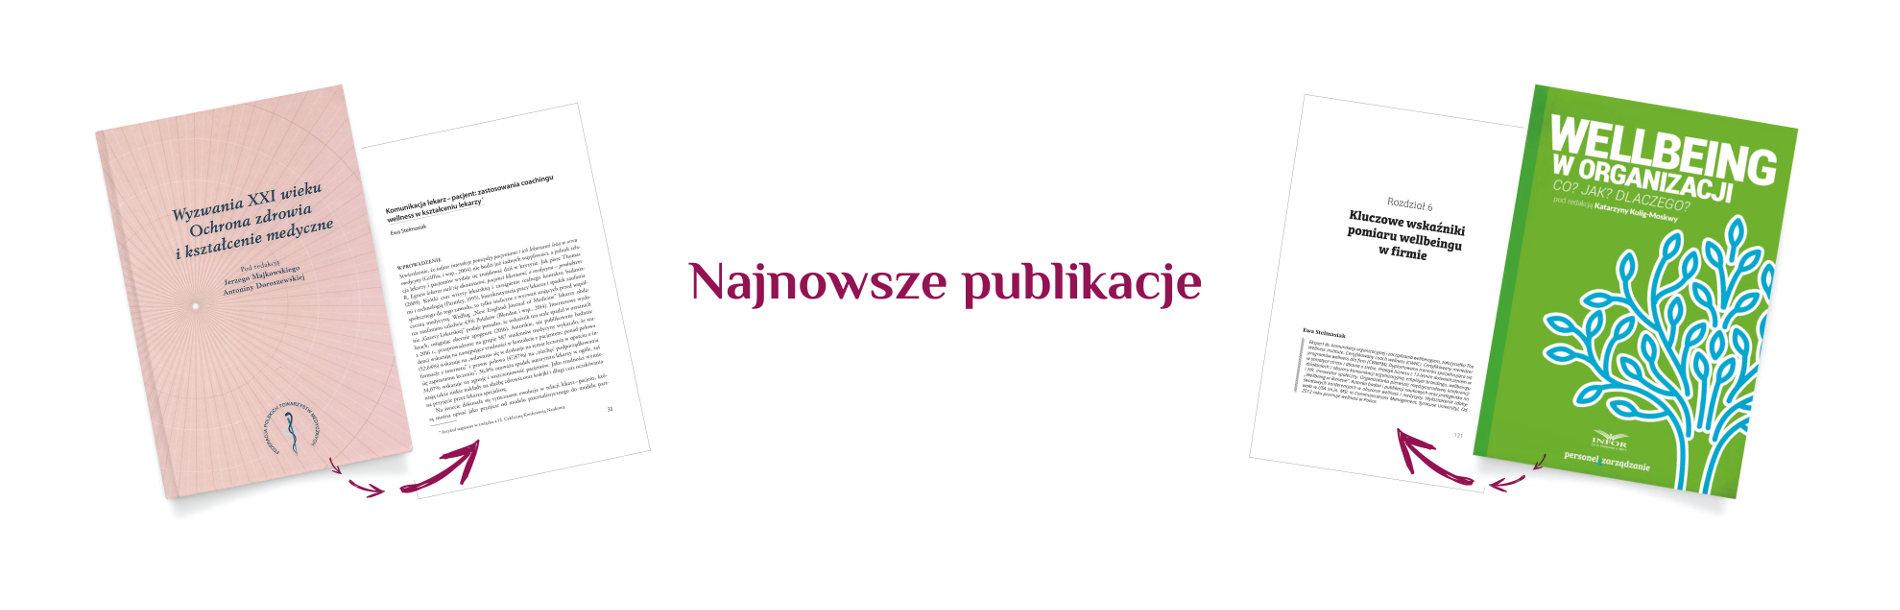 najnowsze publikacje